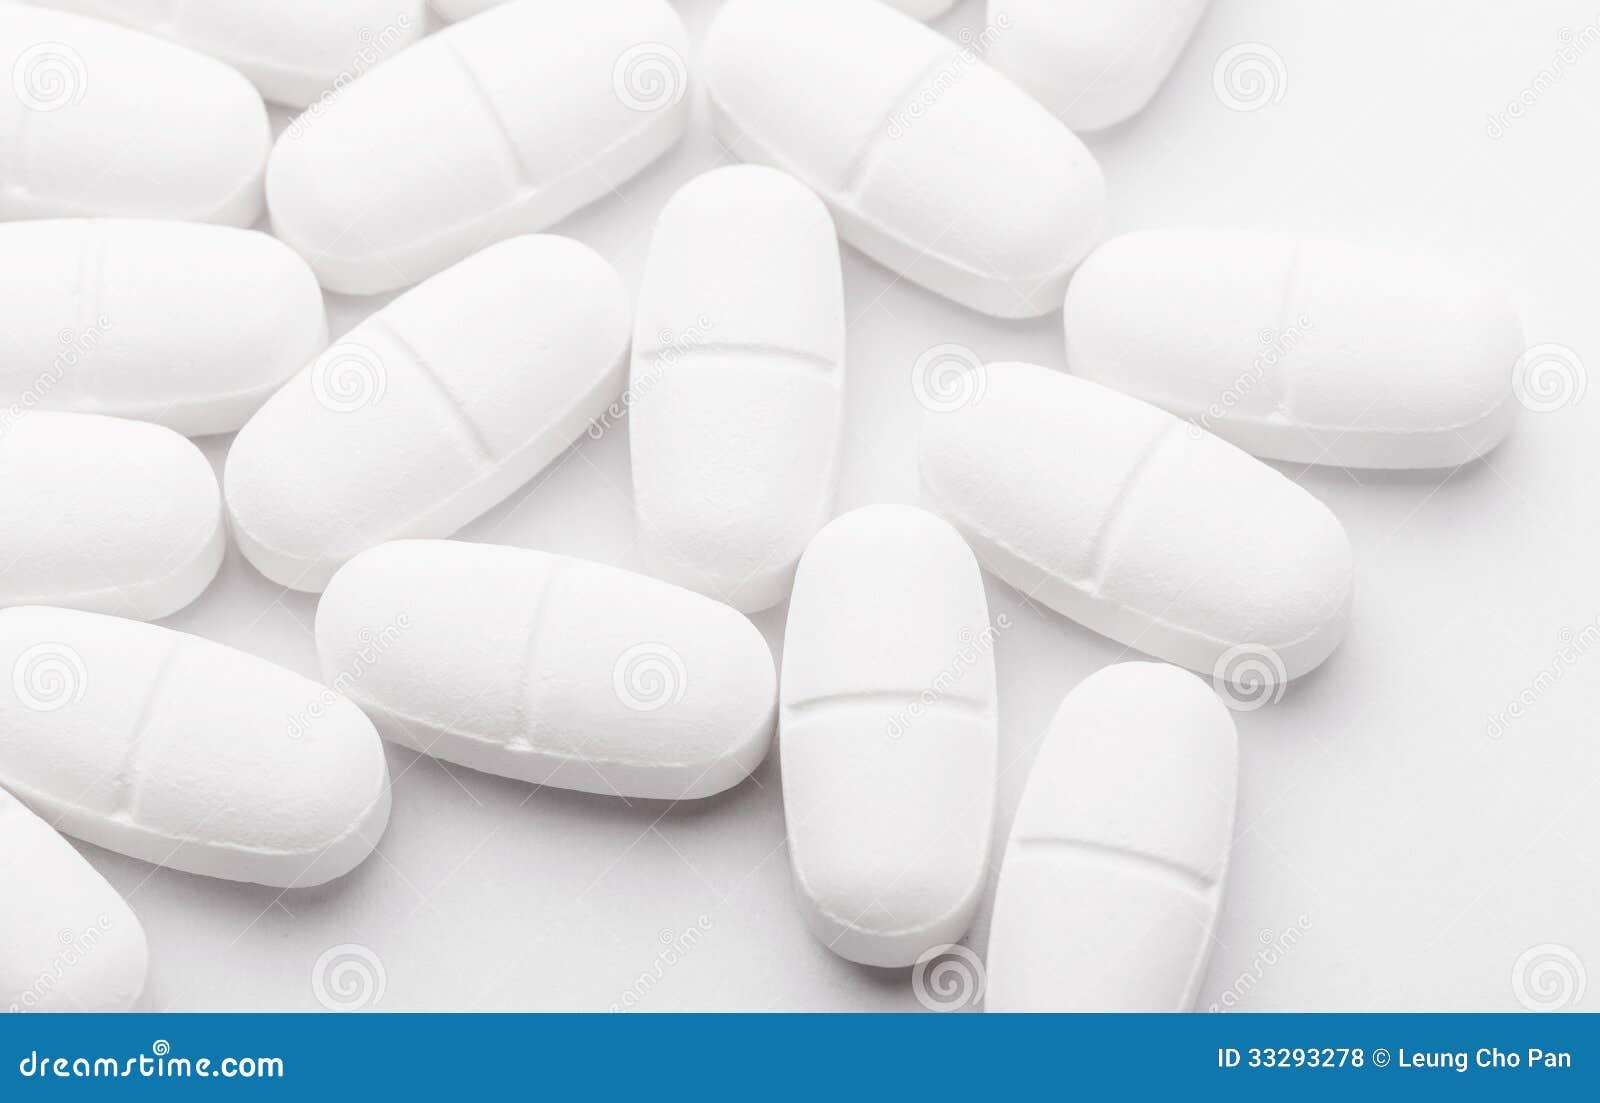 white pills royalty free stock photos image 33293278